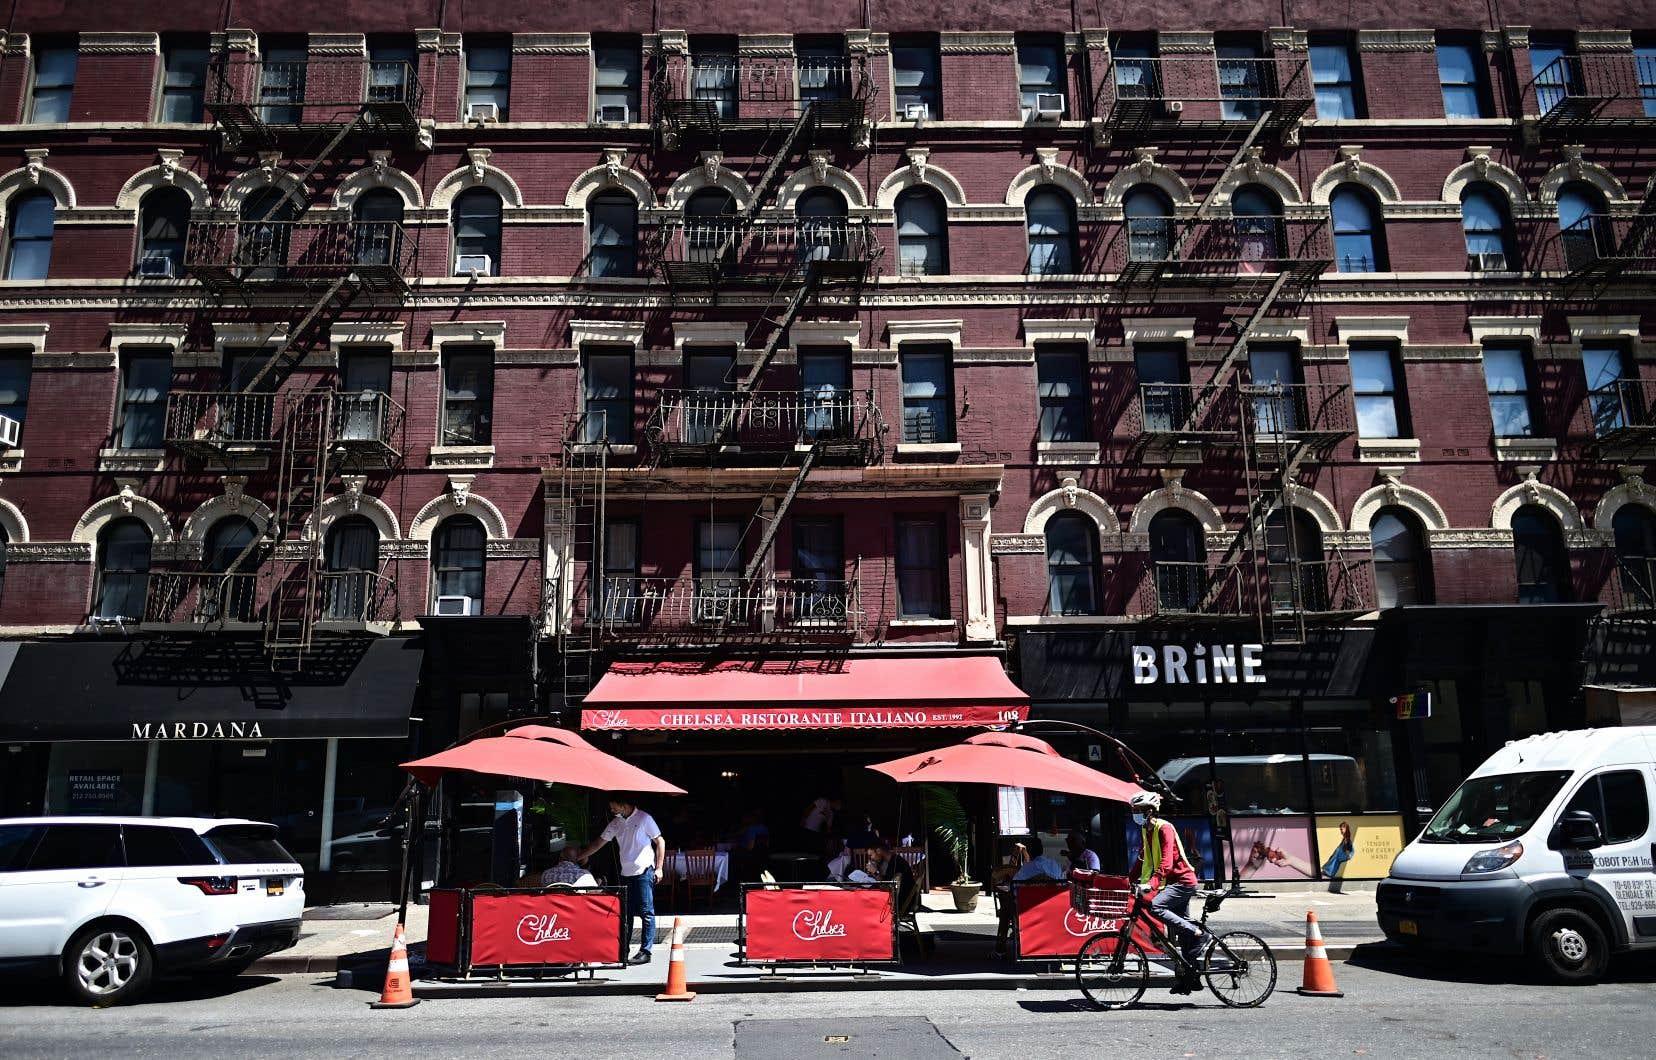 Restaurants et bars sont désormais autorisés à servir dehors, mais toujours pas en salle. Et New York, qui n'avait jusqu'ici pas une grande culture de terrasse, prend des allures parisiennes.